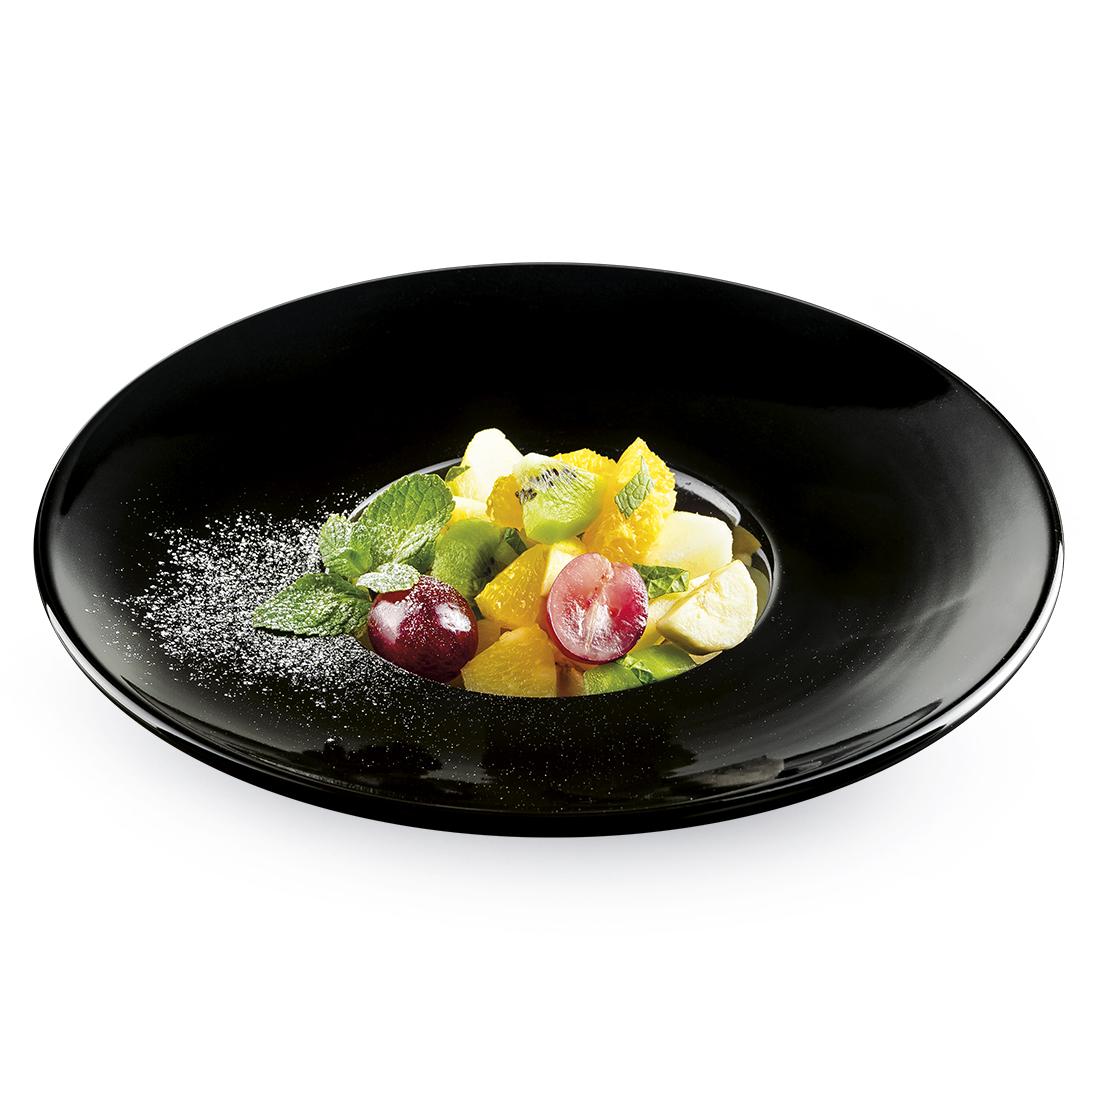 Гоанский фруктовый салат